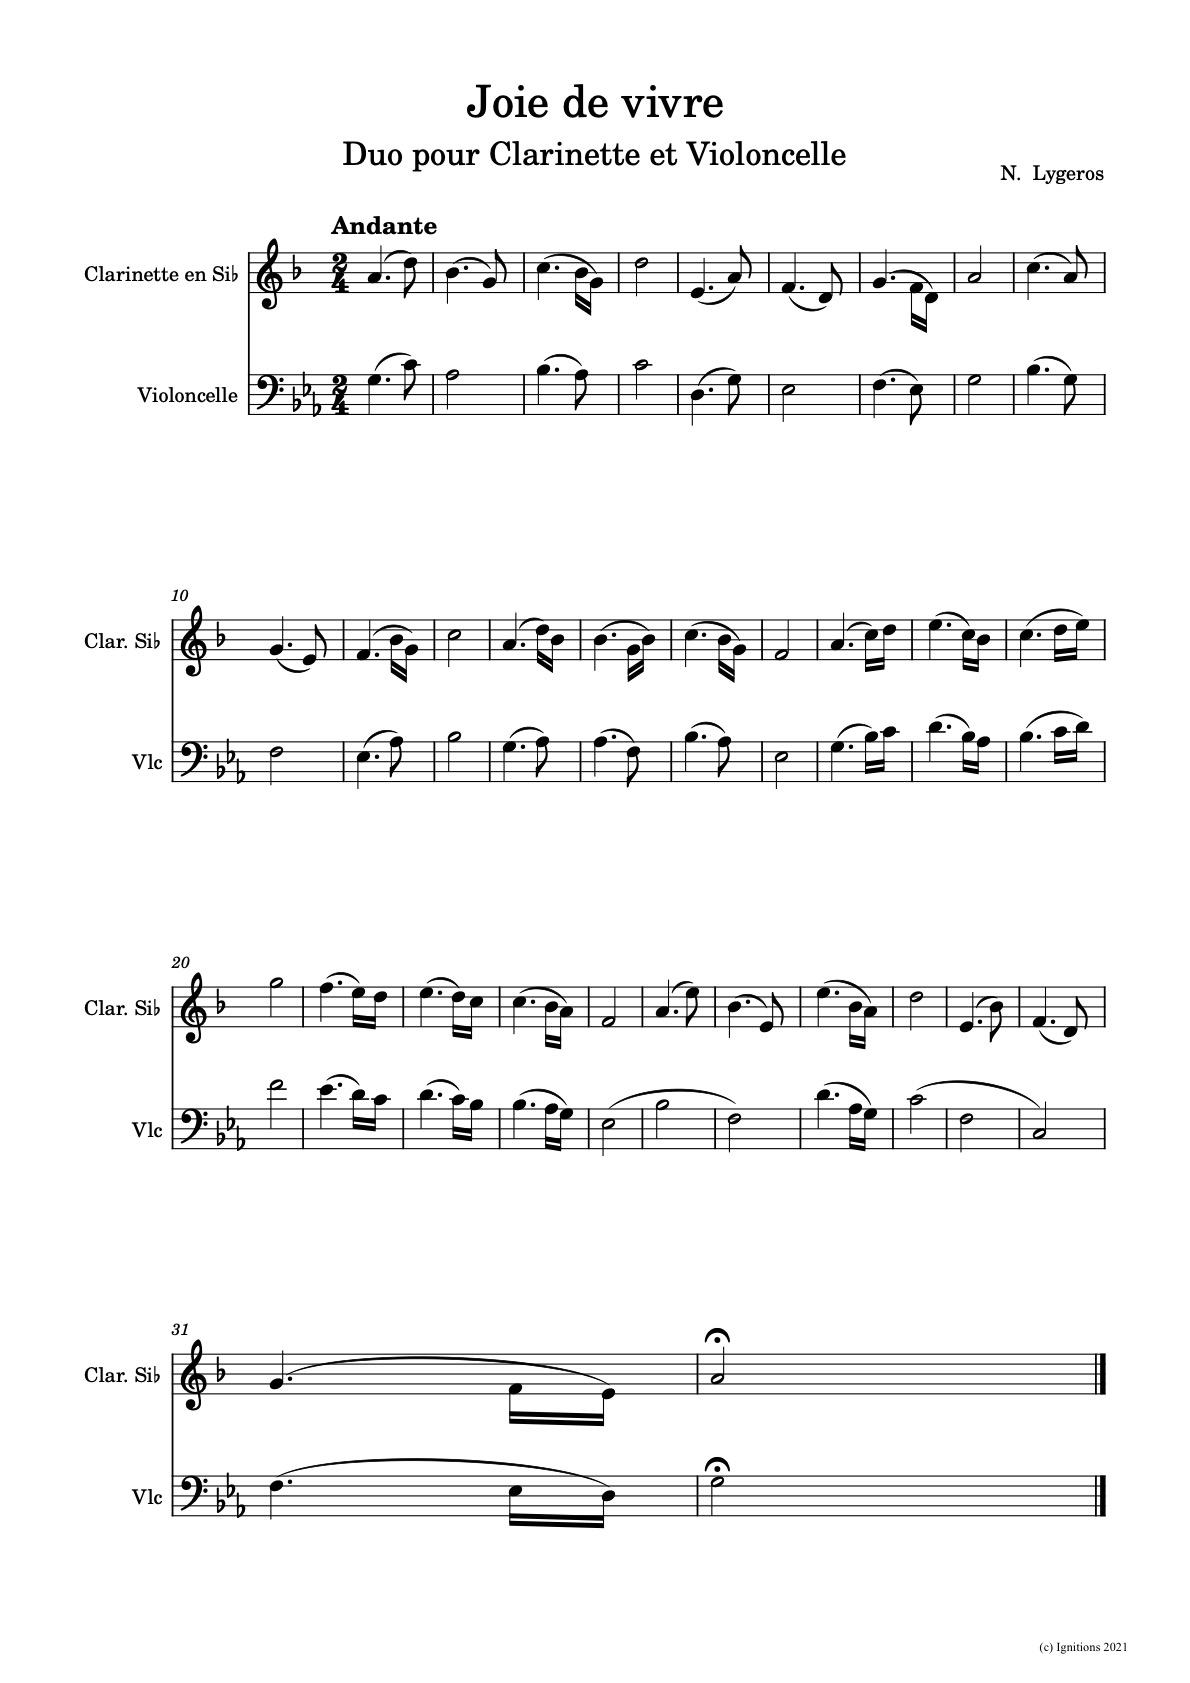 60391 - Joie de vivre. (Duo pour Clarinette et Violoncelle)